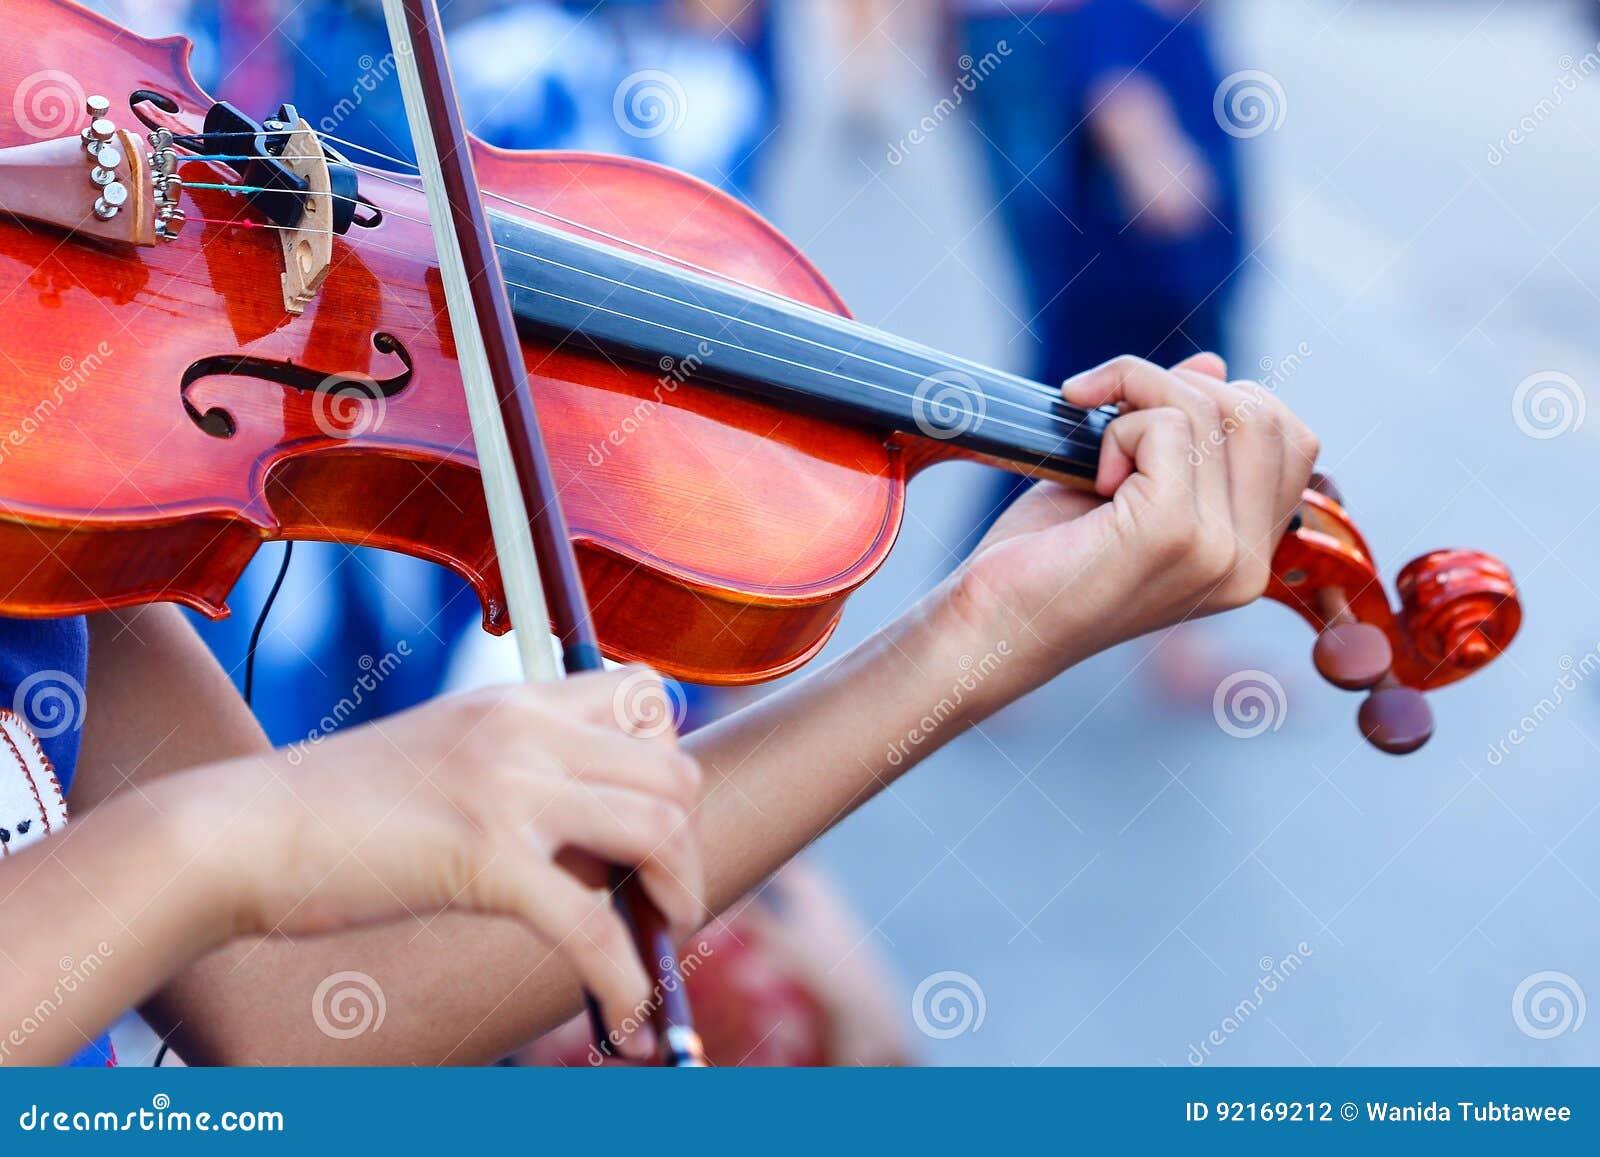 Violino, mão nas cordas de um violino